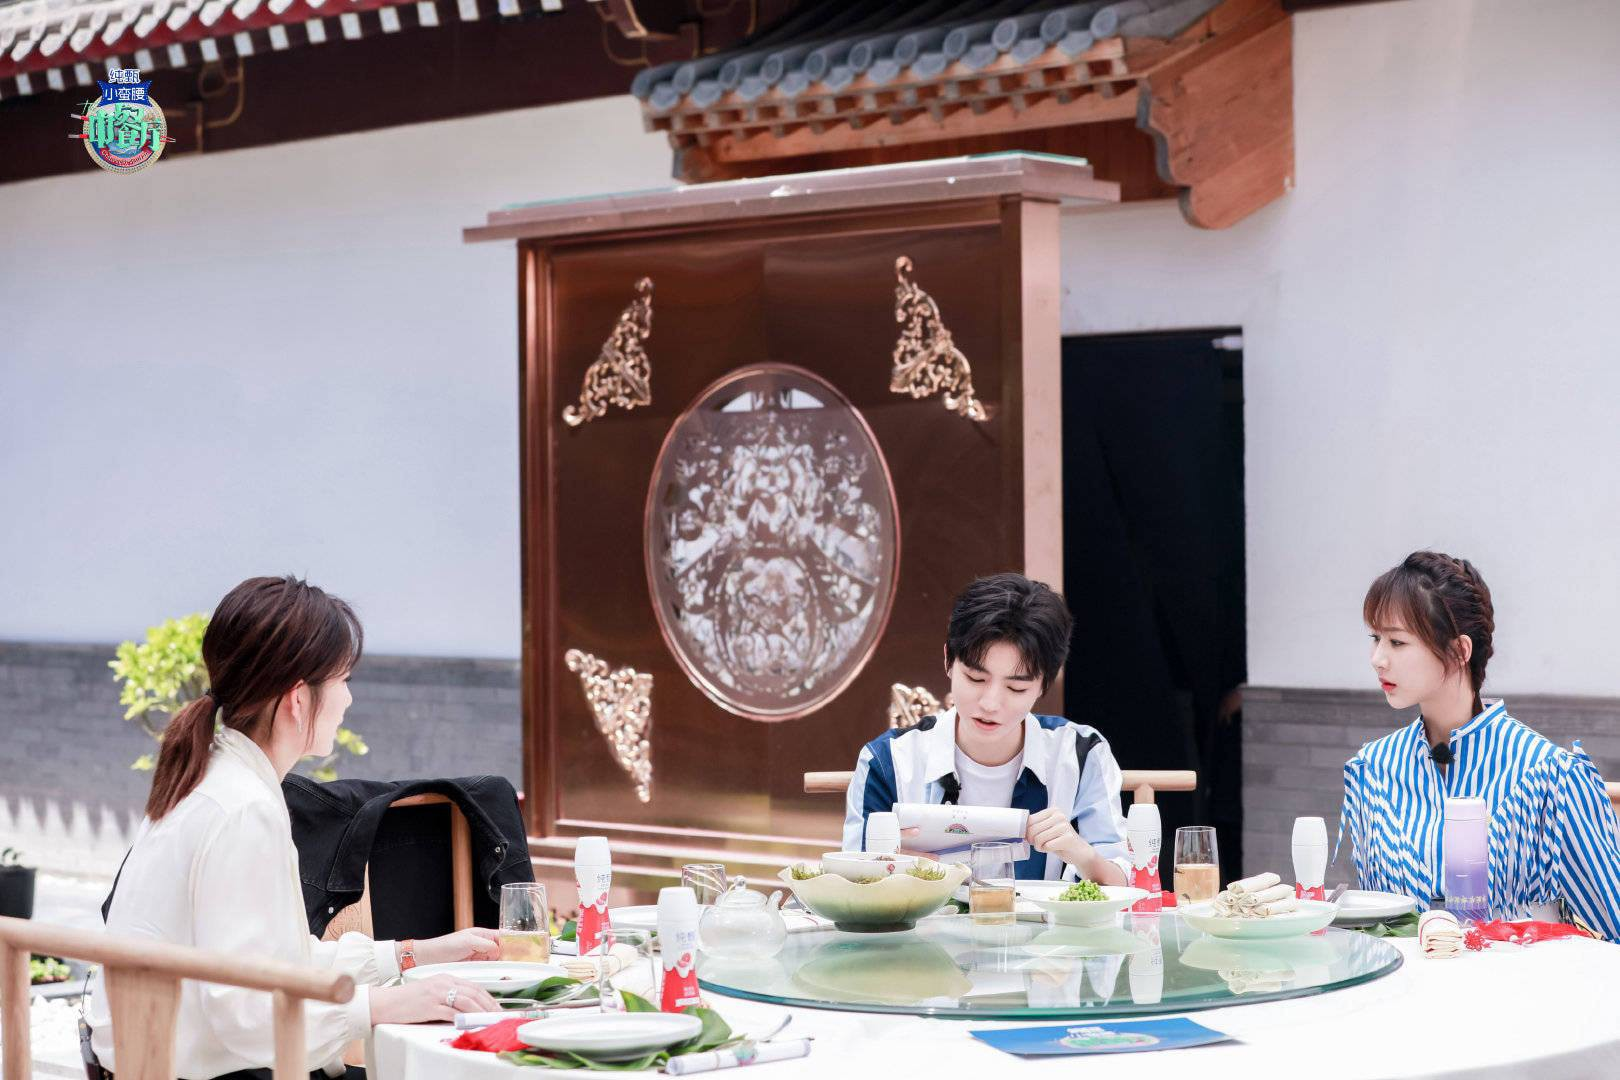 'Nhà hàng Trung Hoa' vắng mặt Triệu Vy - Thư Kỳ, Dương Tử thay thế và điểm Douban giảm sâu khiến ai cũng sốc 8